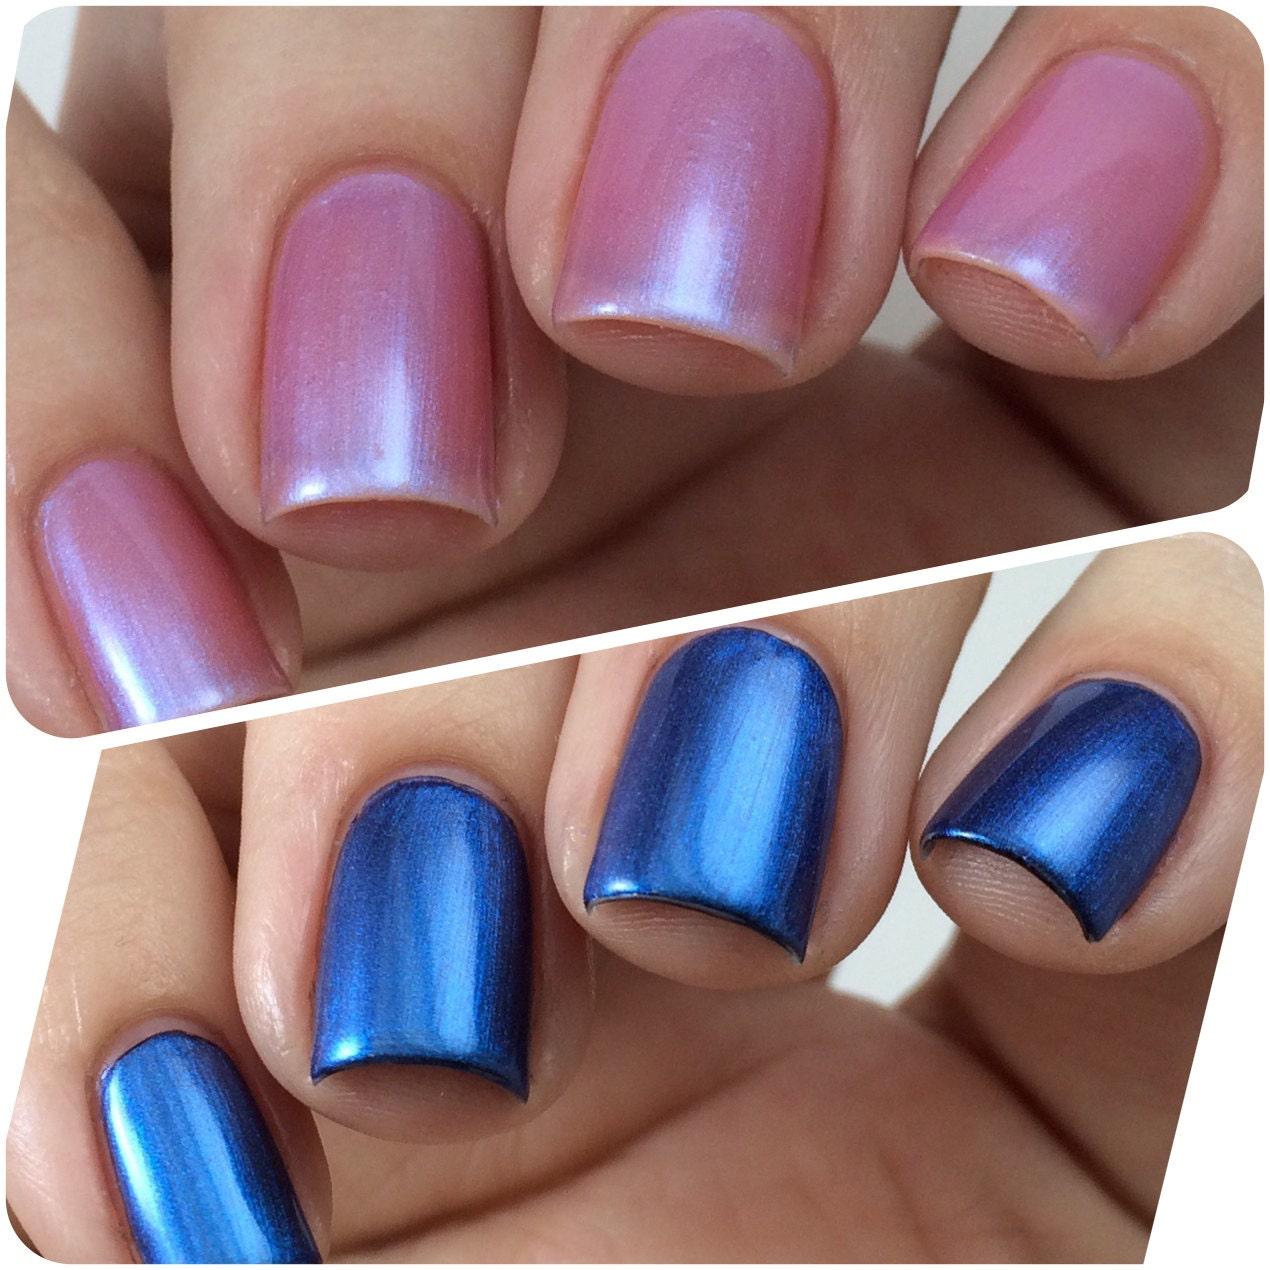 Blue Nail Varnish Uk: Color Changing Nail Polish Pink Or Blue Nail Polish Nail